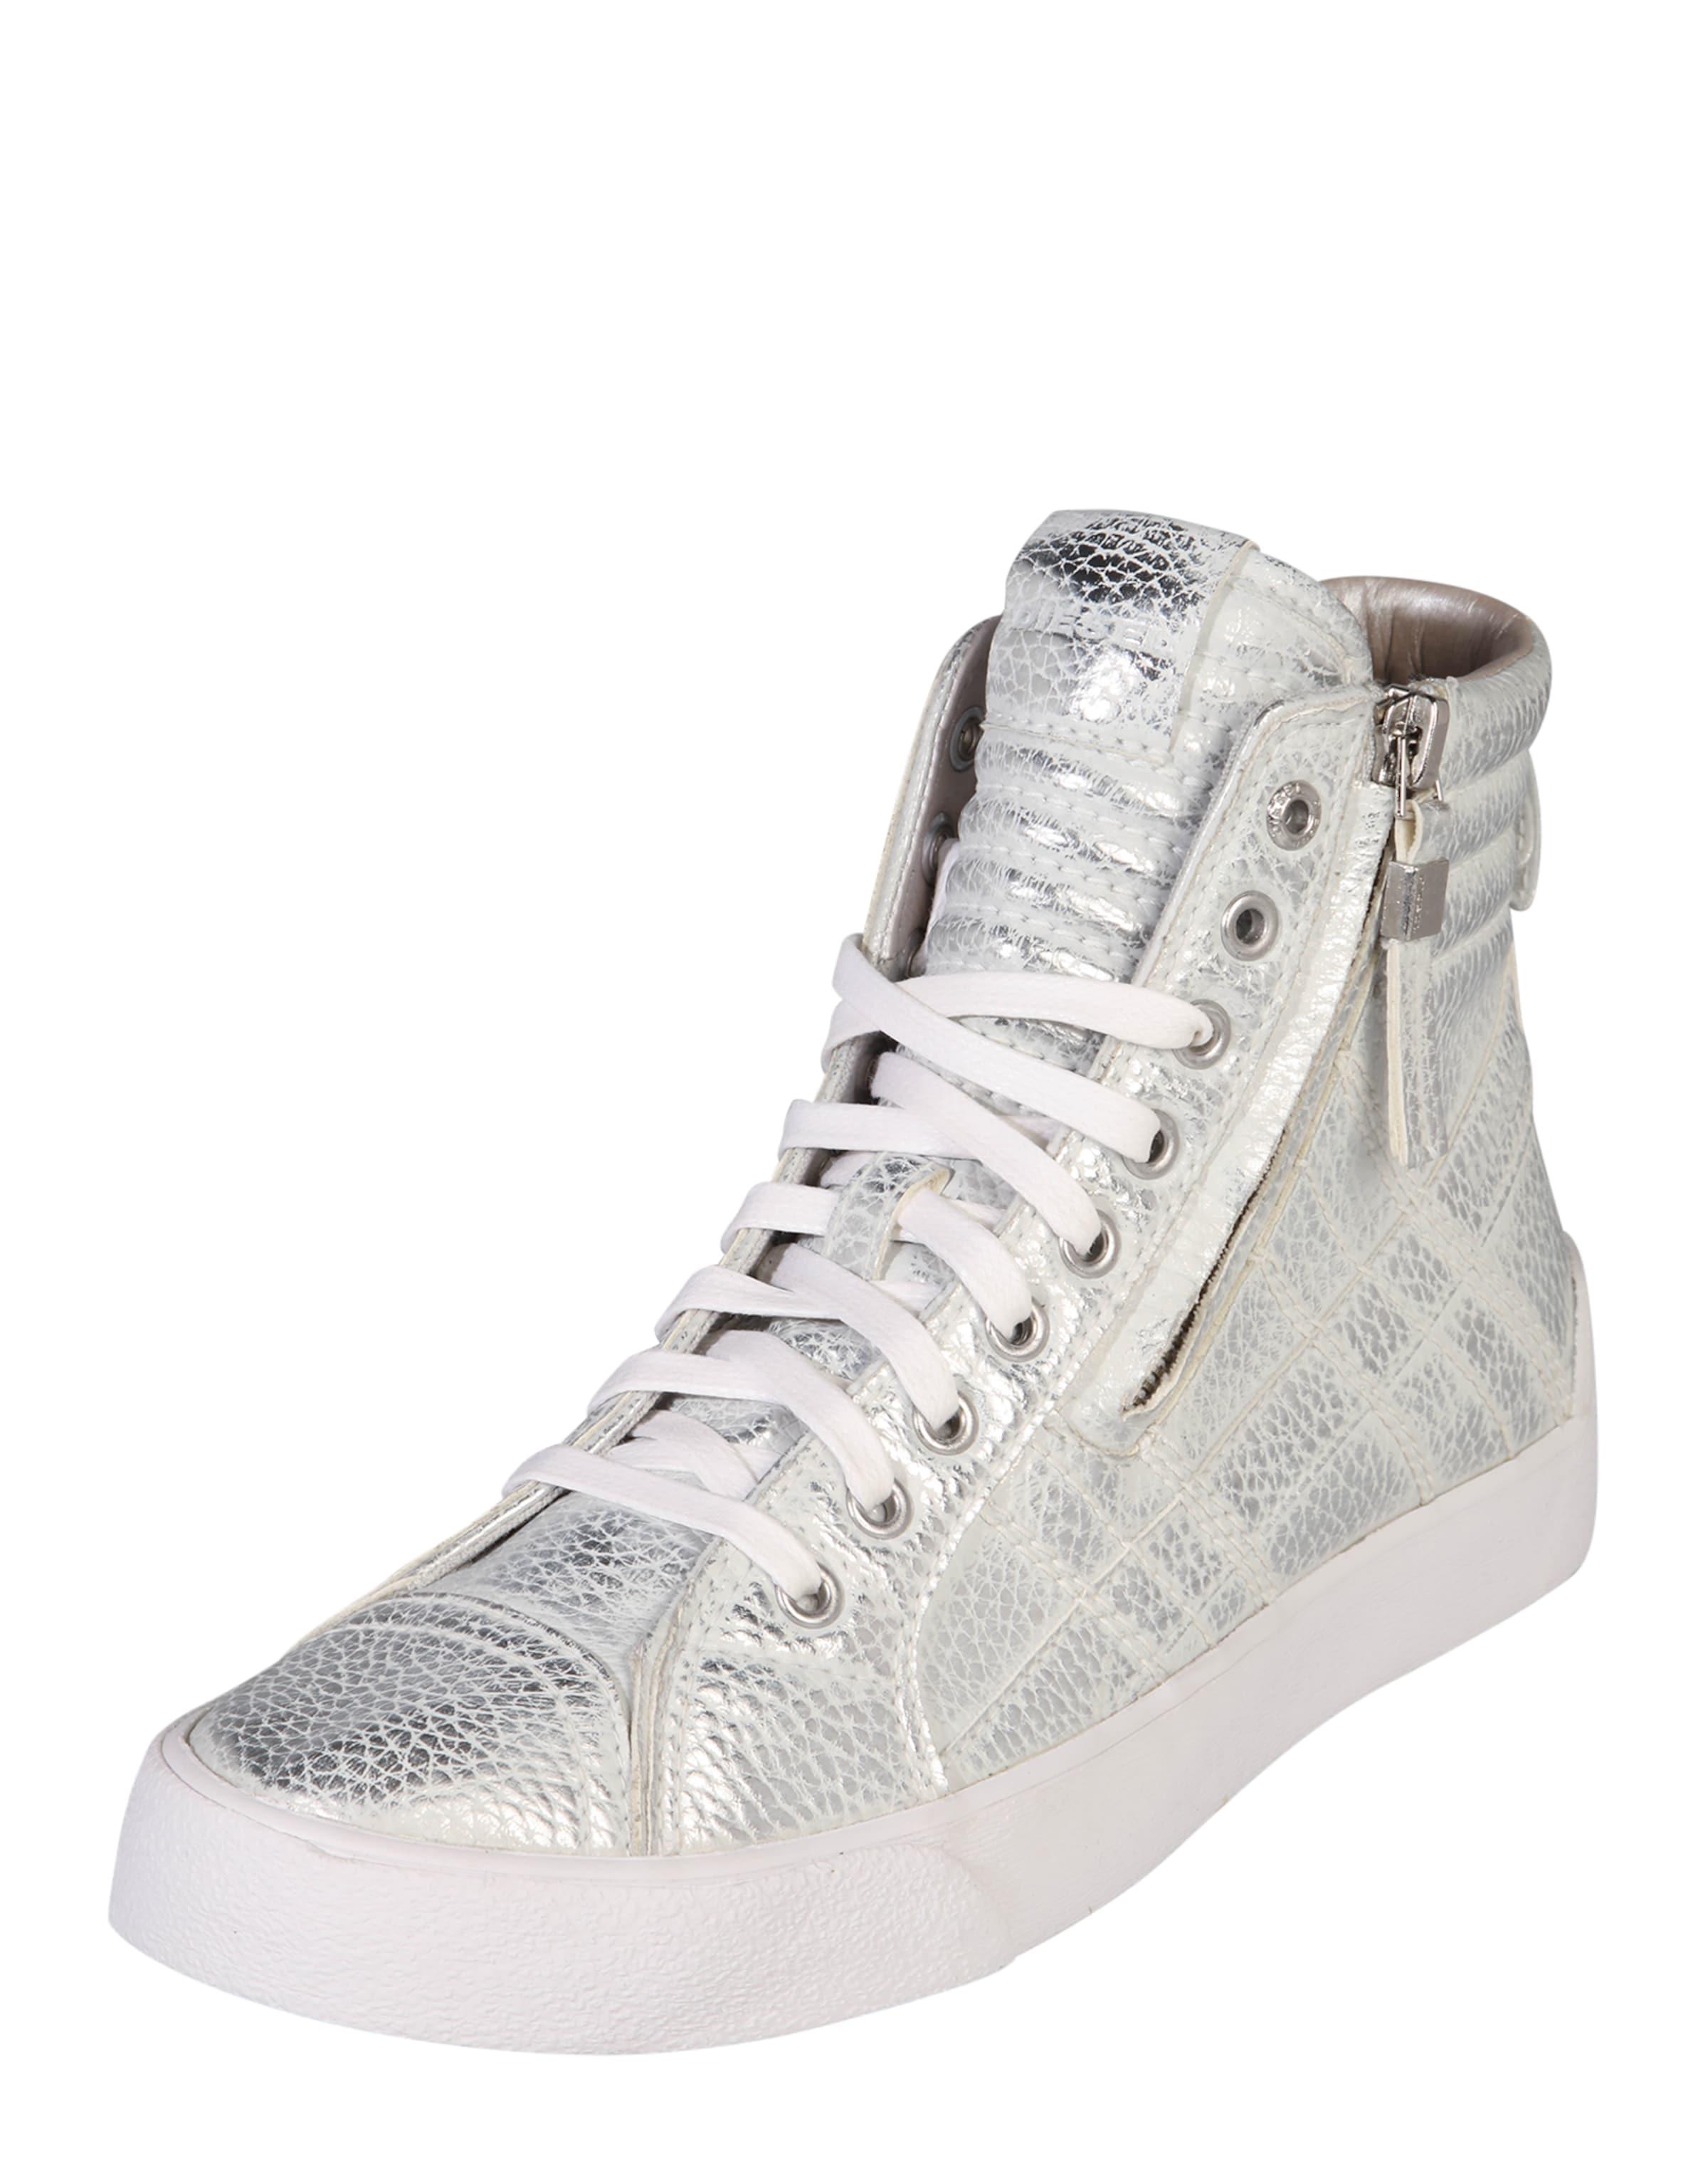 Günstig Kaufen Sneakernews Auslass Freies Verschiffen DIESEL Hightop-Sneaker 'D-velows d-string plus' Verkauf Shop-Angebot Spielraum Echt EQOTbLOlyY